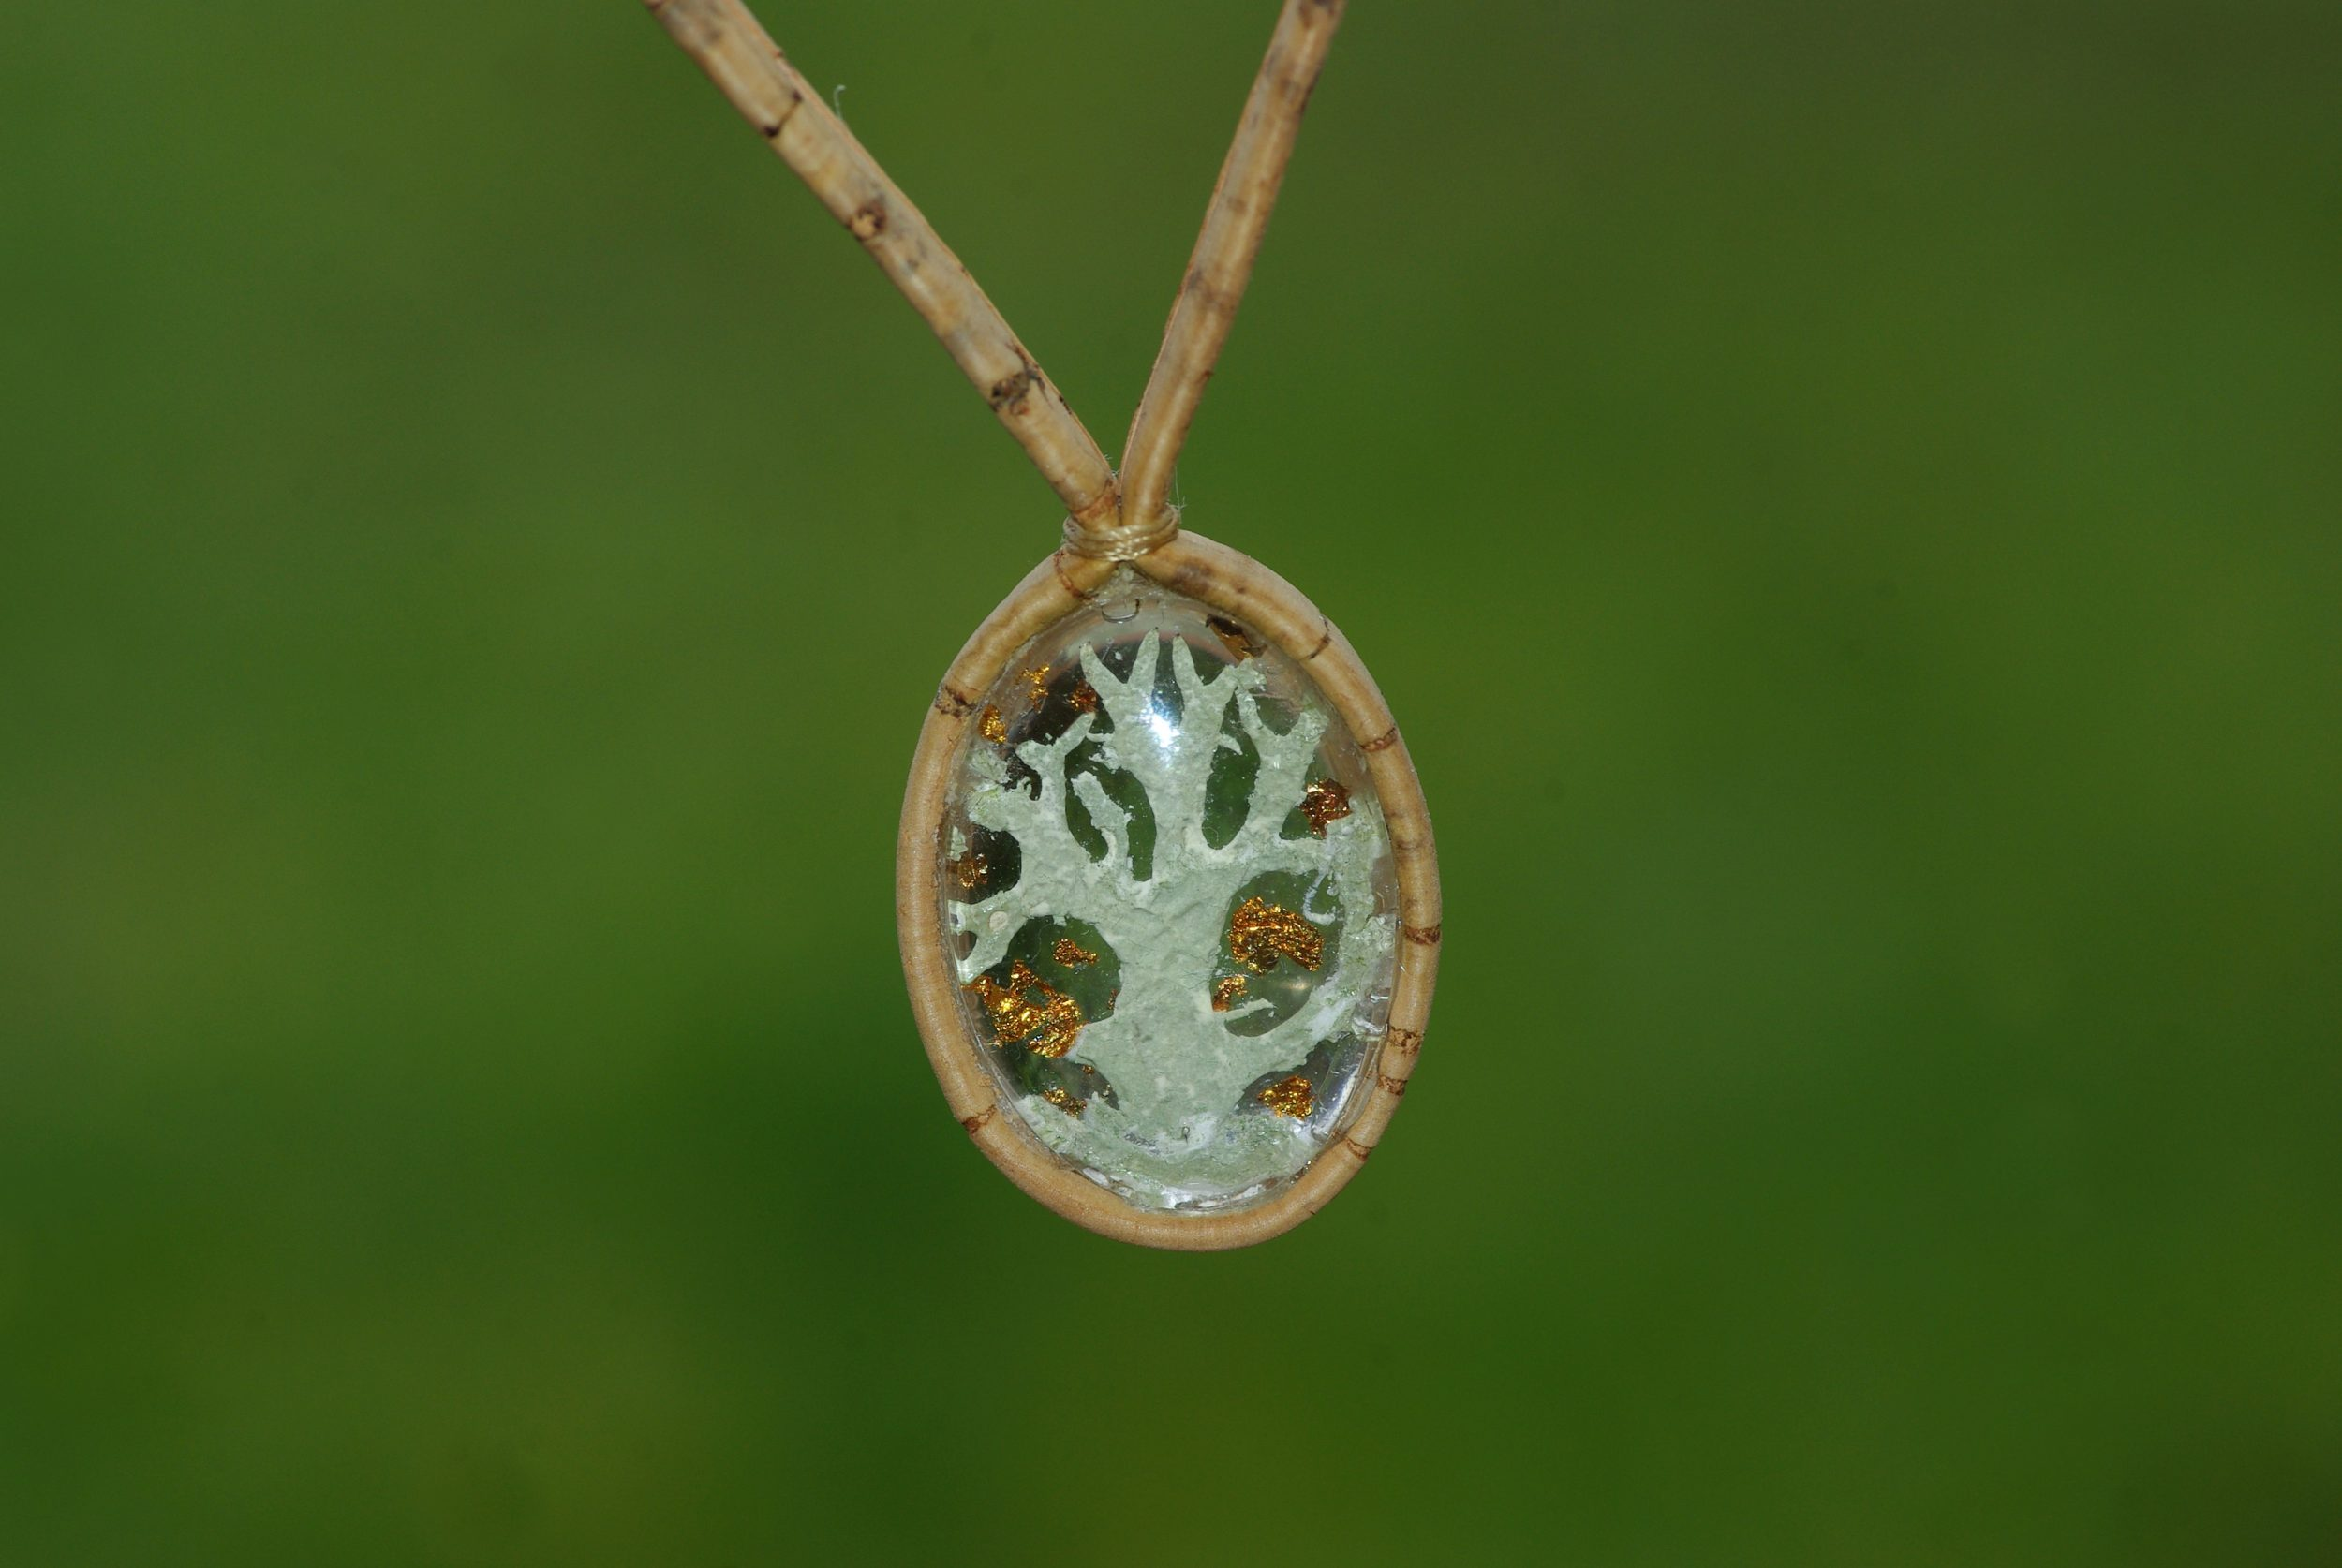 Collier en liège avec un pendentif en verre renfermant u morceau de lichen